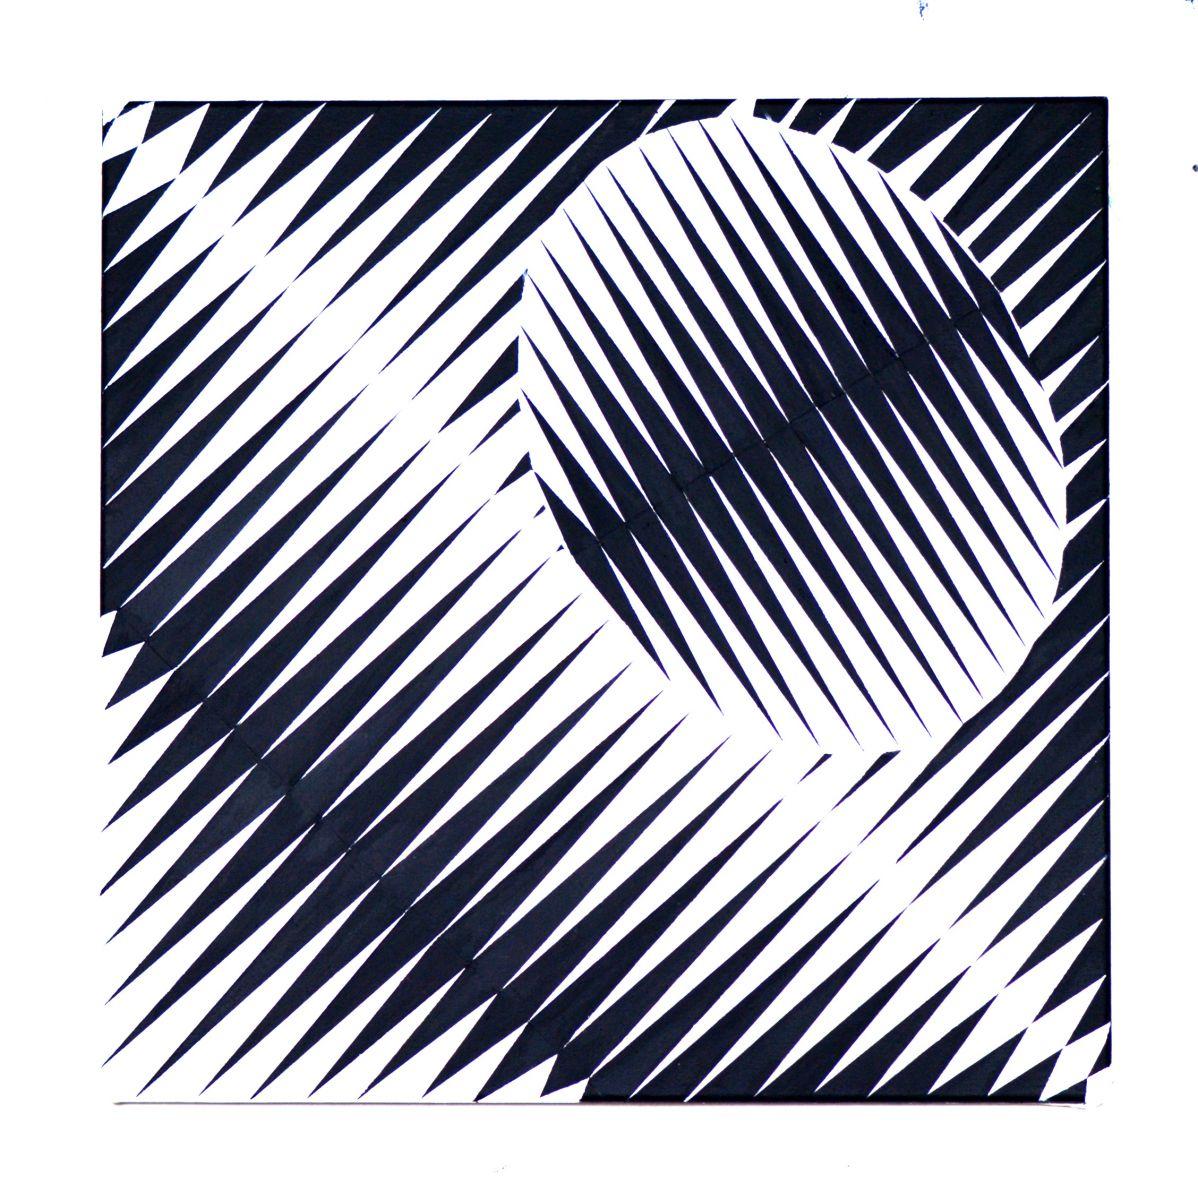 Diagonal-vertikal-Atelier Illmitz-Austria